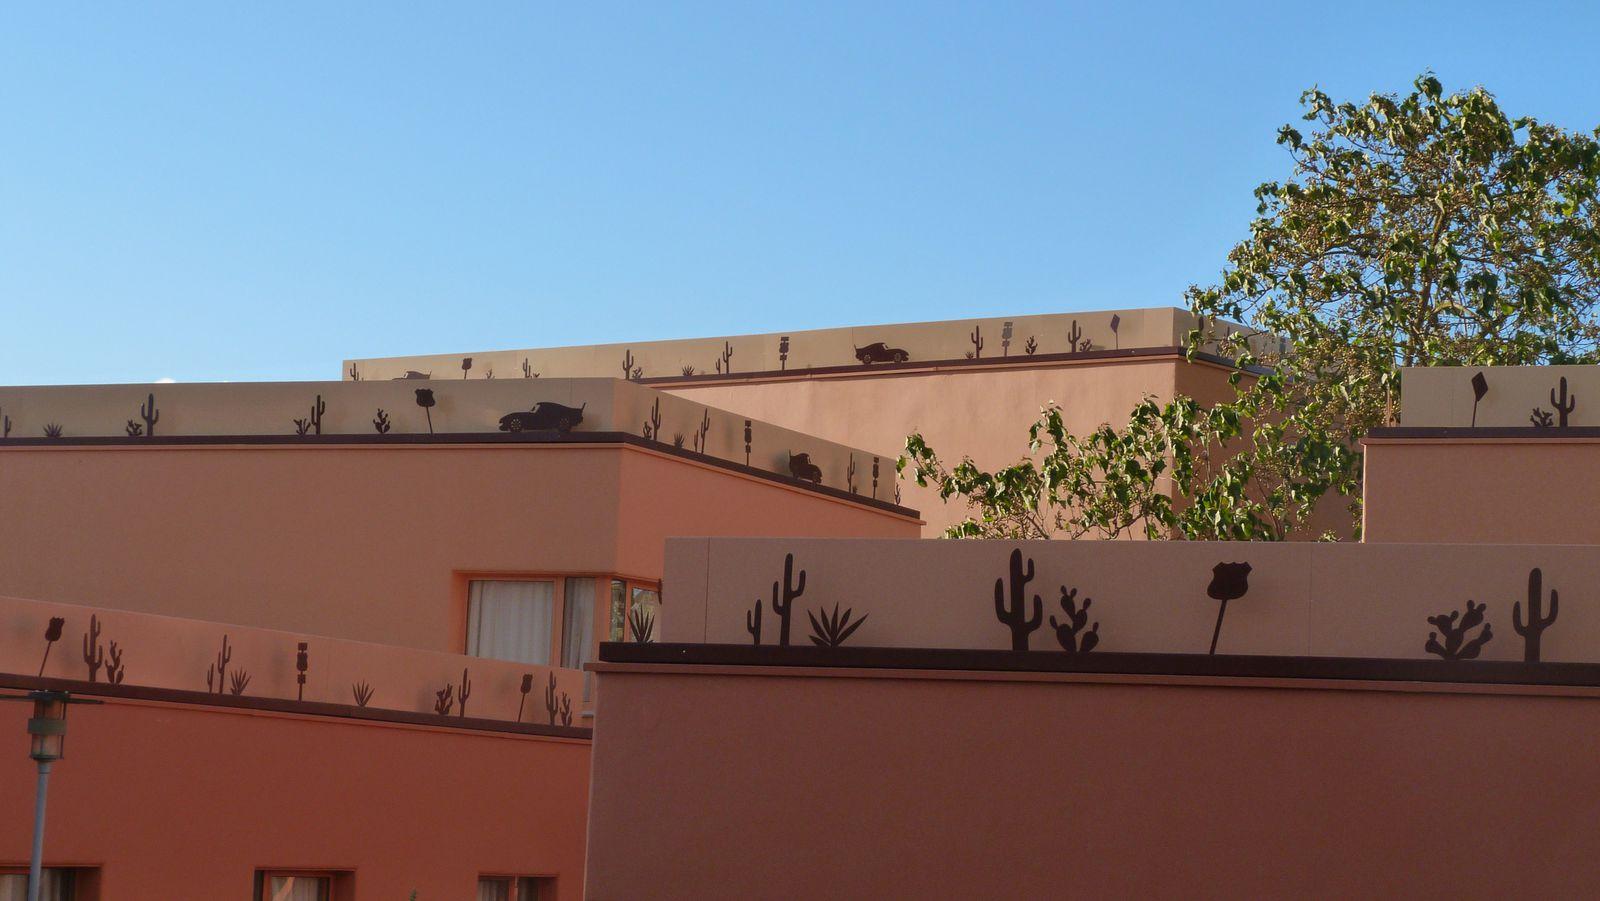 Le Disney's Hotel Santa Fé rénové sur le thème de Cars - Quatre Roues : photos page 16 - Page 18 Ob_a0c81198d886494580d6e001e5e1496b_p1300242